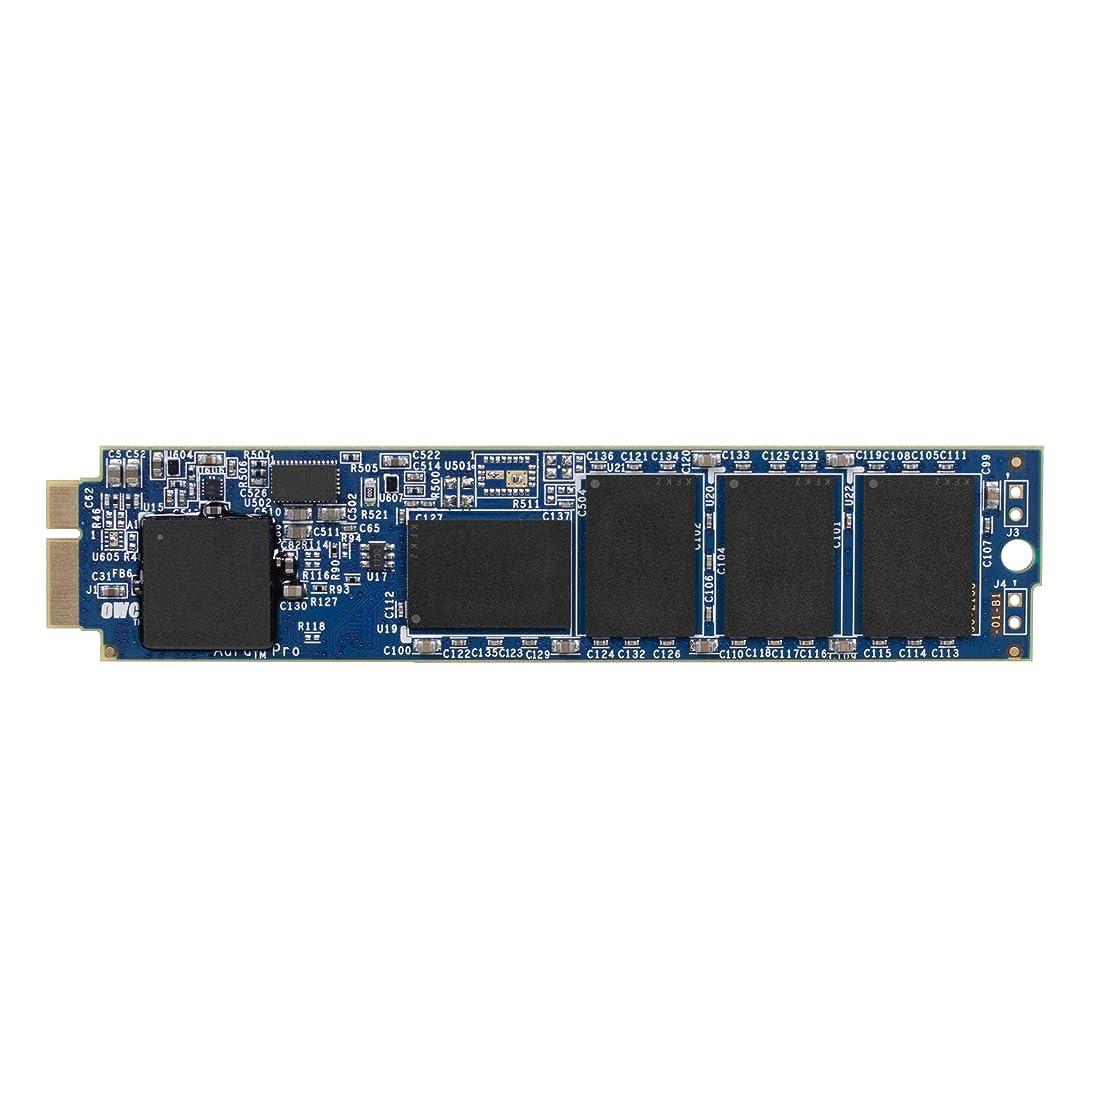 信頼性のあるシリンダーお風呂OWC/その他のワールドコンピューティング 250GB Aura Pro 6G SSD/フラッシュ内蔵ドライブ 2012 MacBook Air用 アップグレード